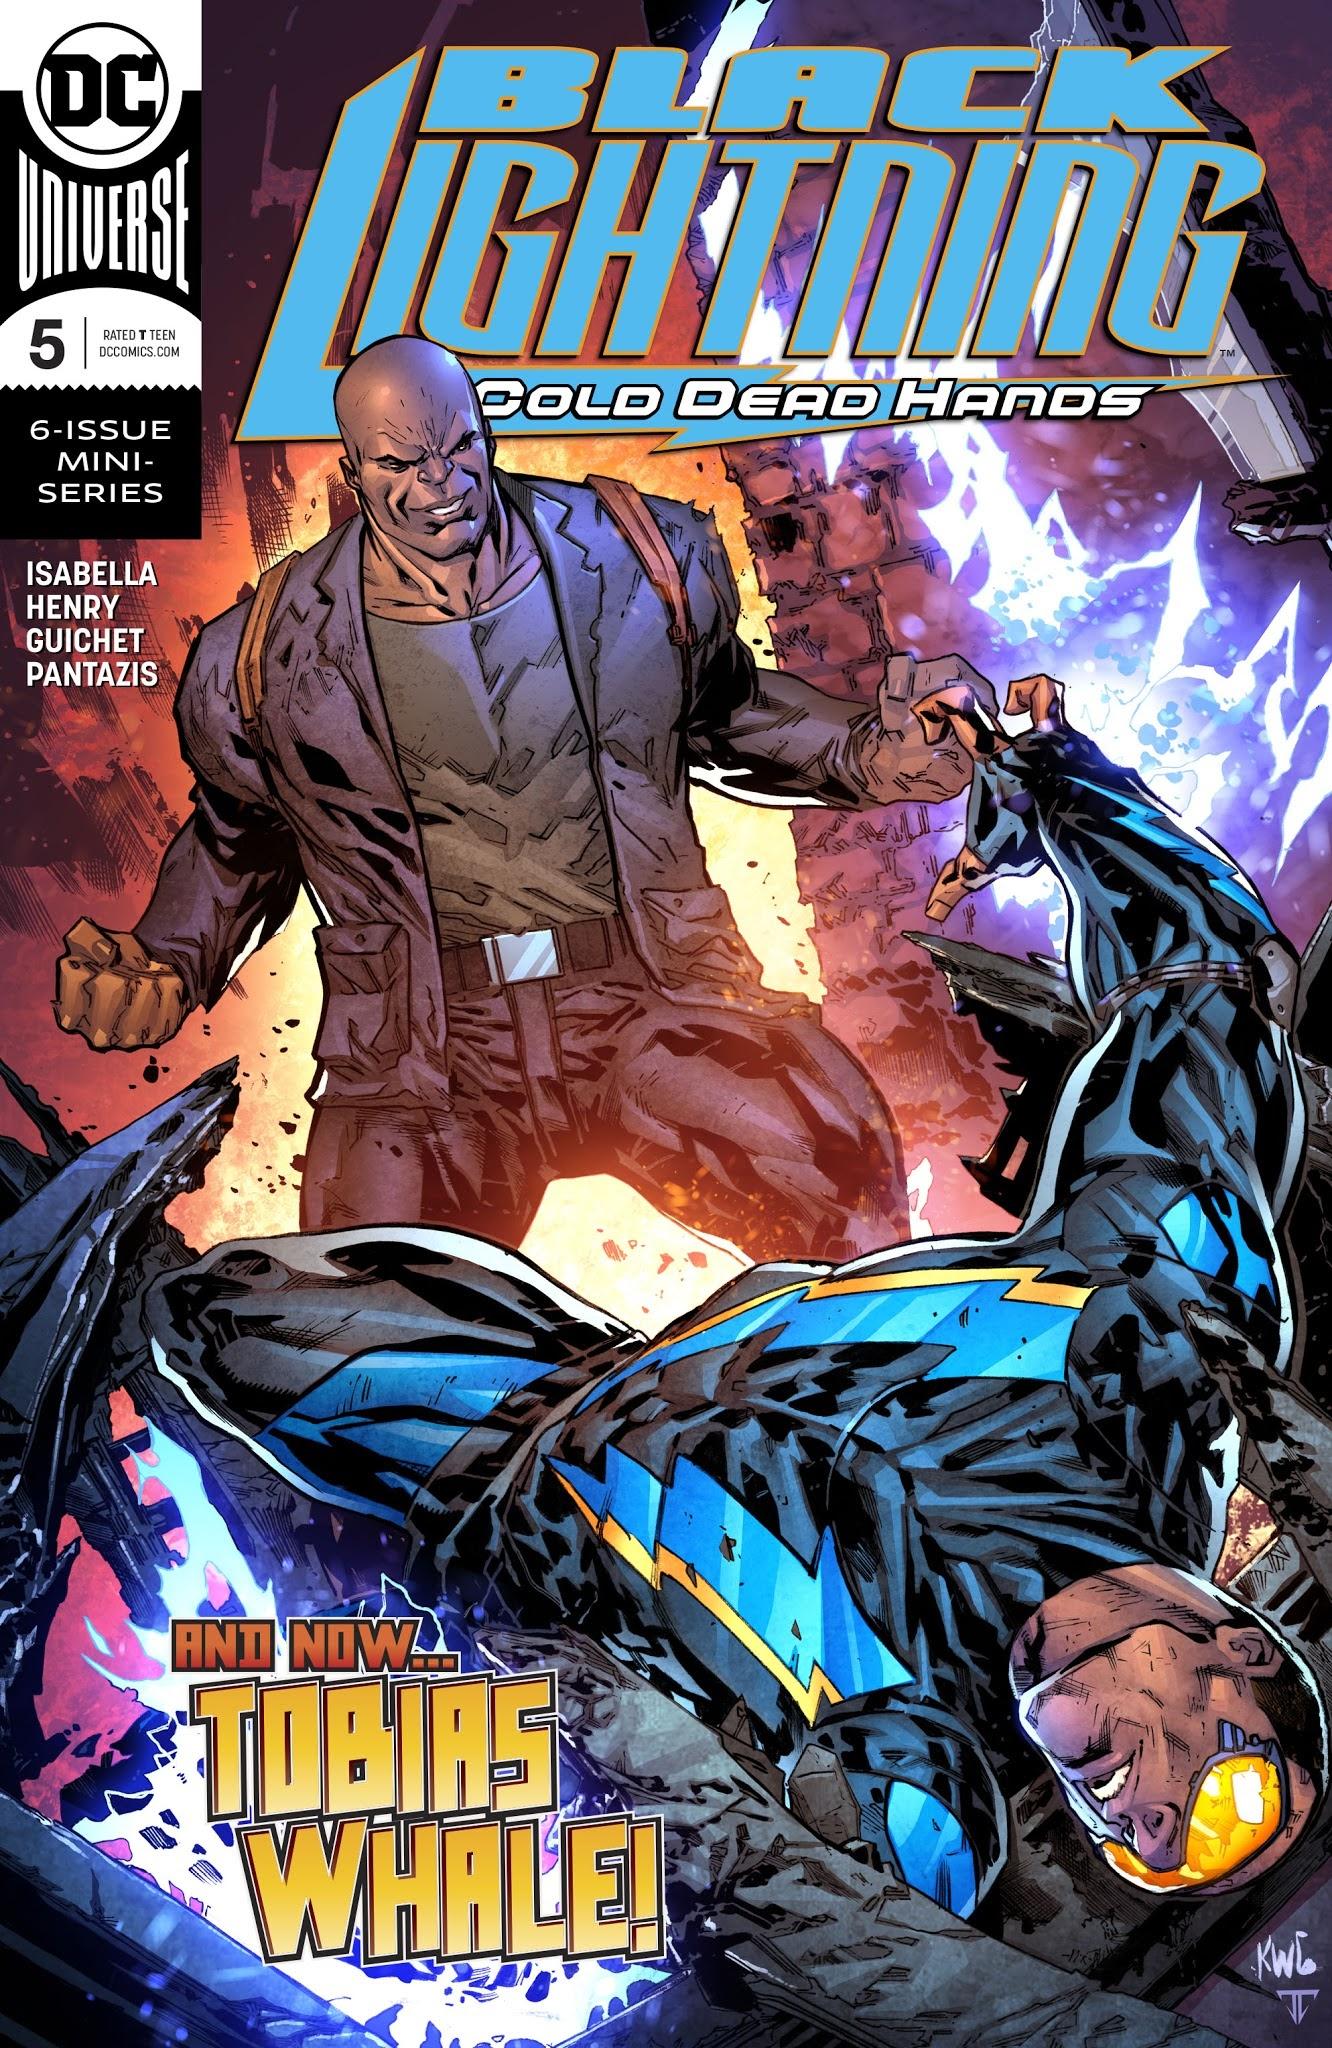 Black Lightning: Cold Dead Hands 5 Page 1